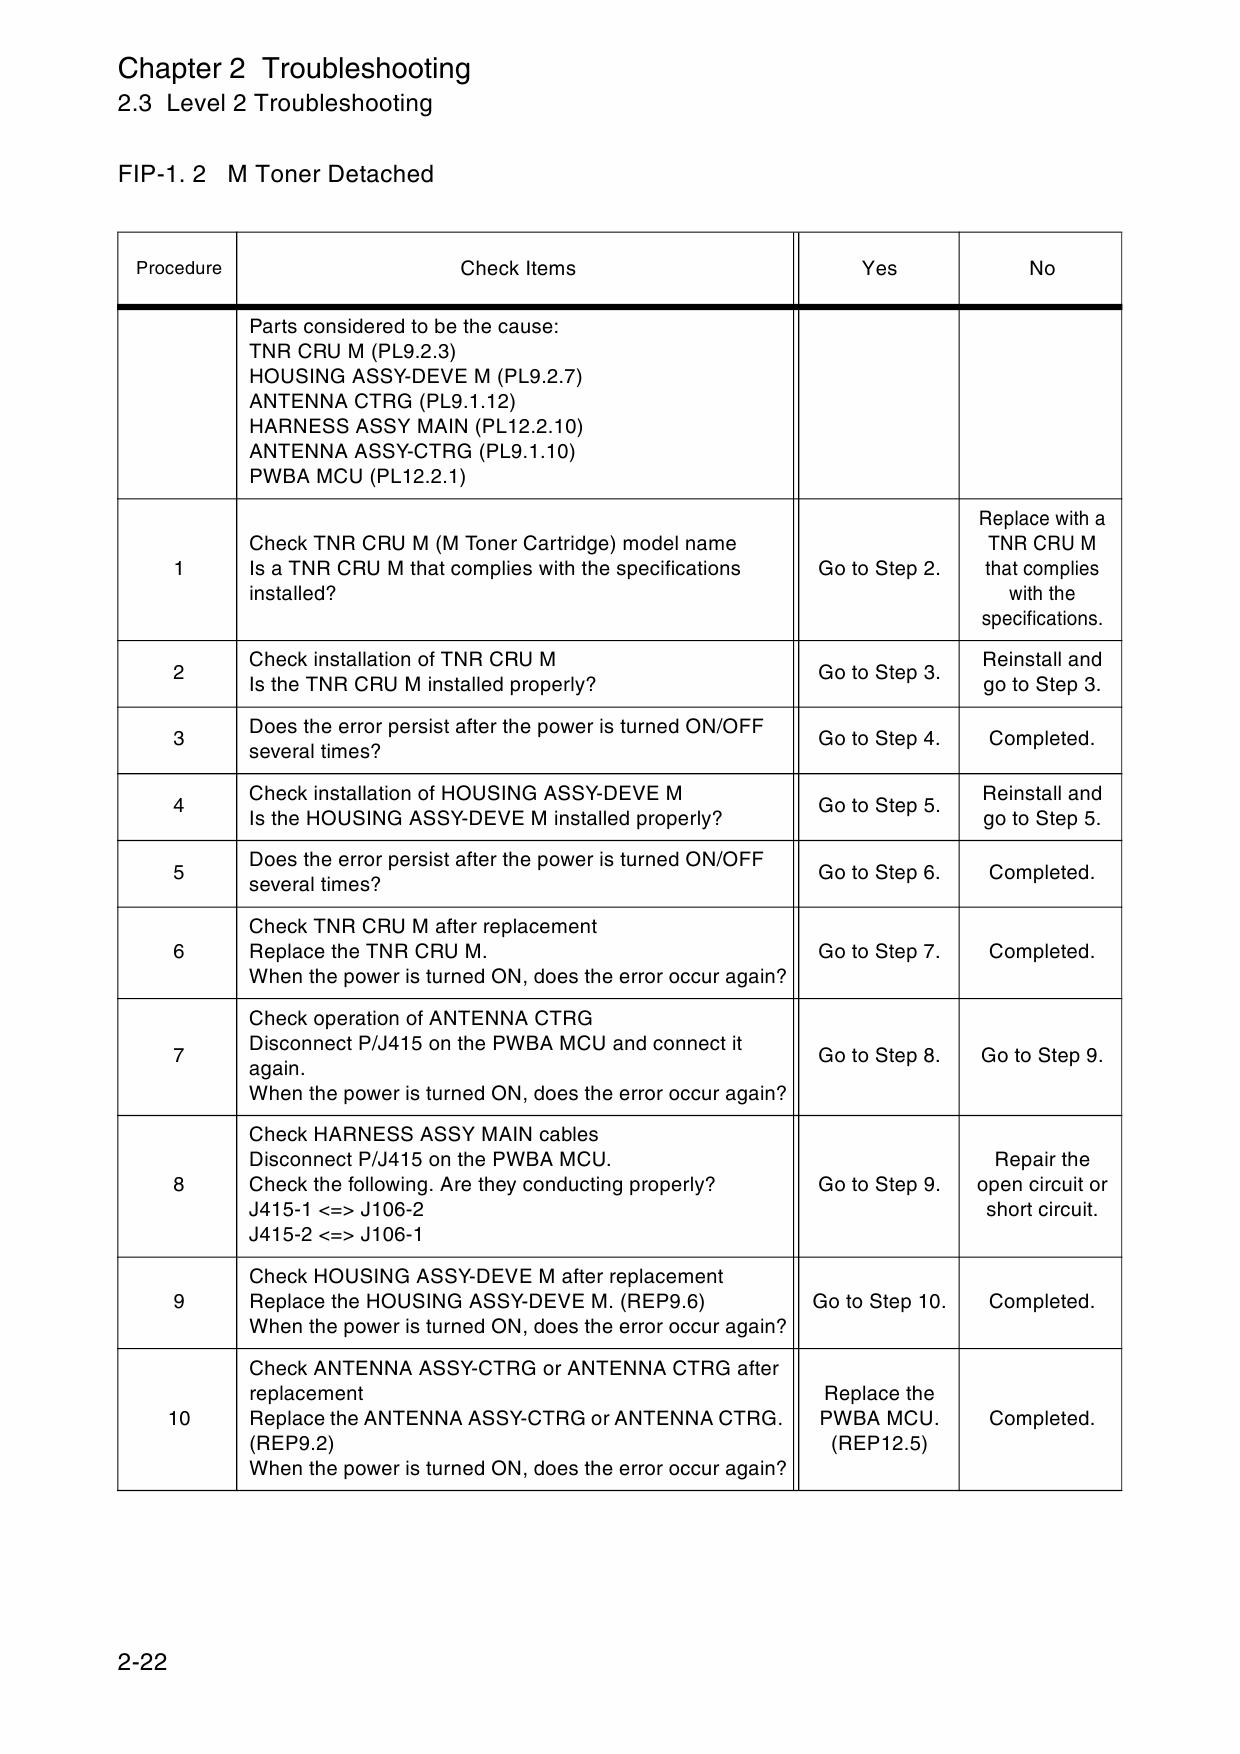 fuji xerox cm205b service manual